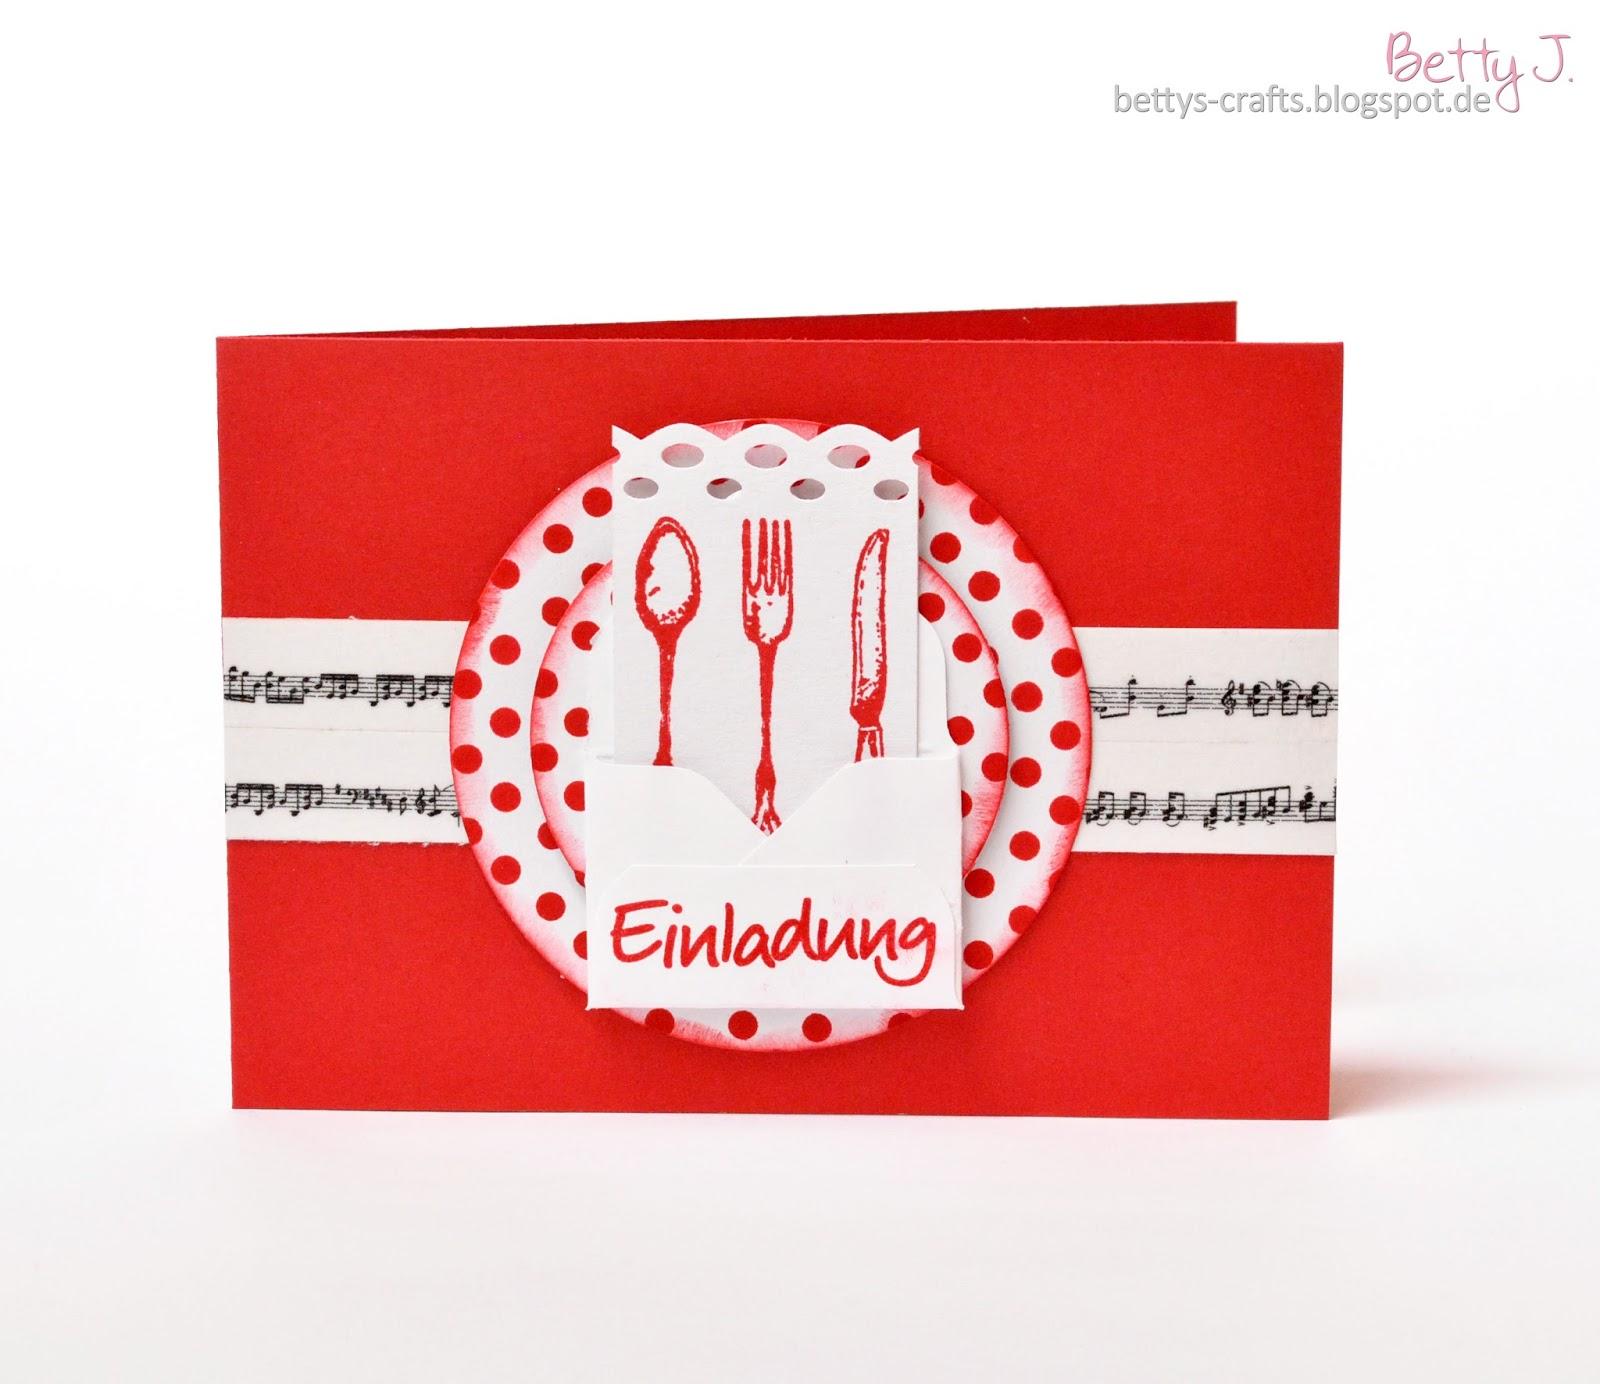 Bettys Crafts: Einladung zum Essen